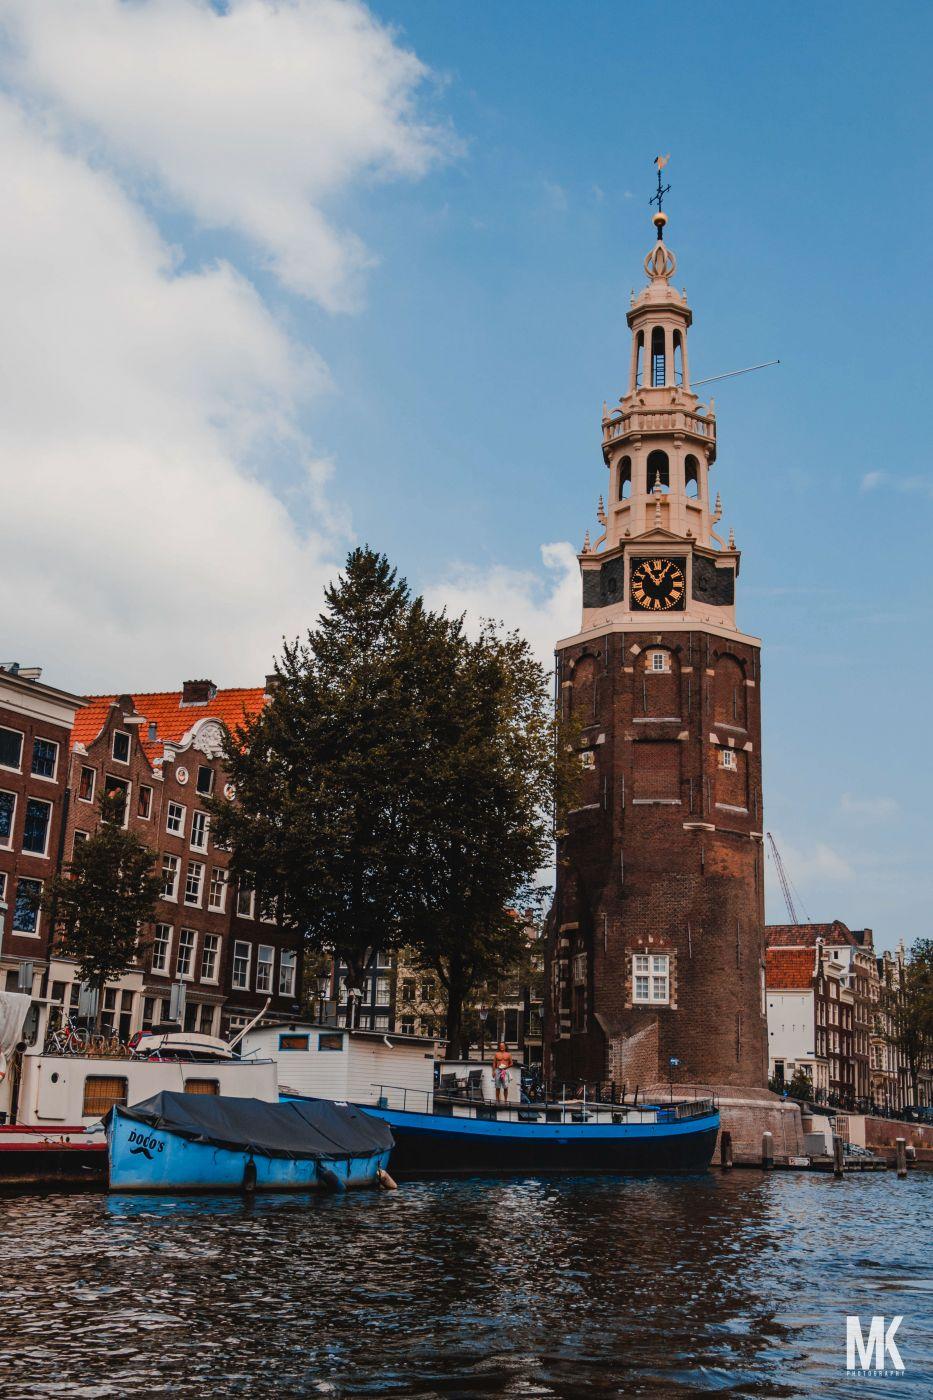 Montelbaanstoren Tower, Netherlands